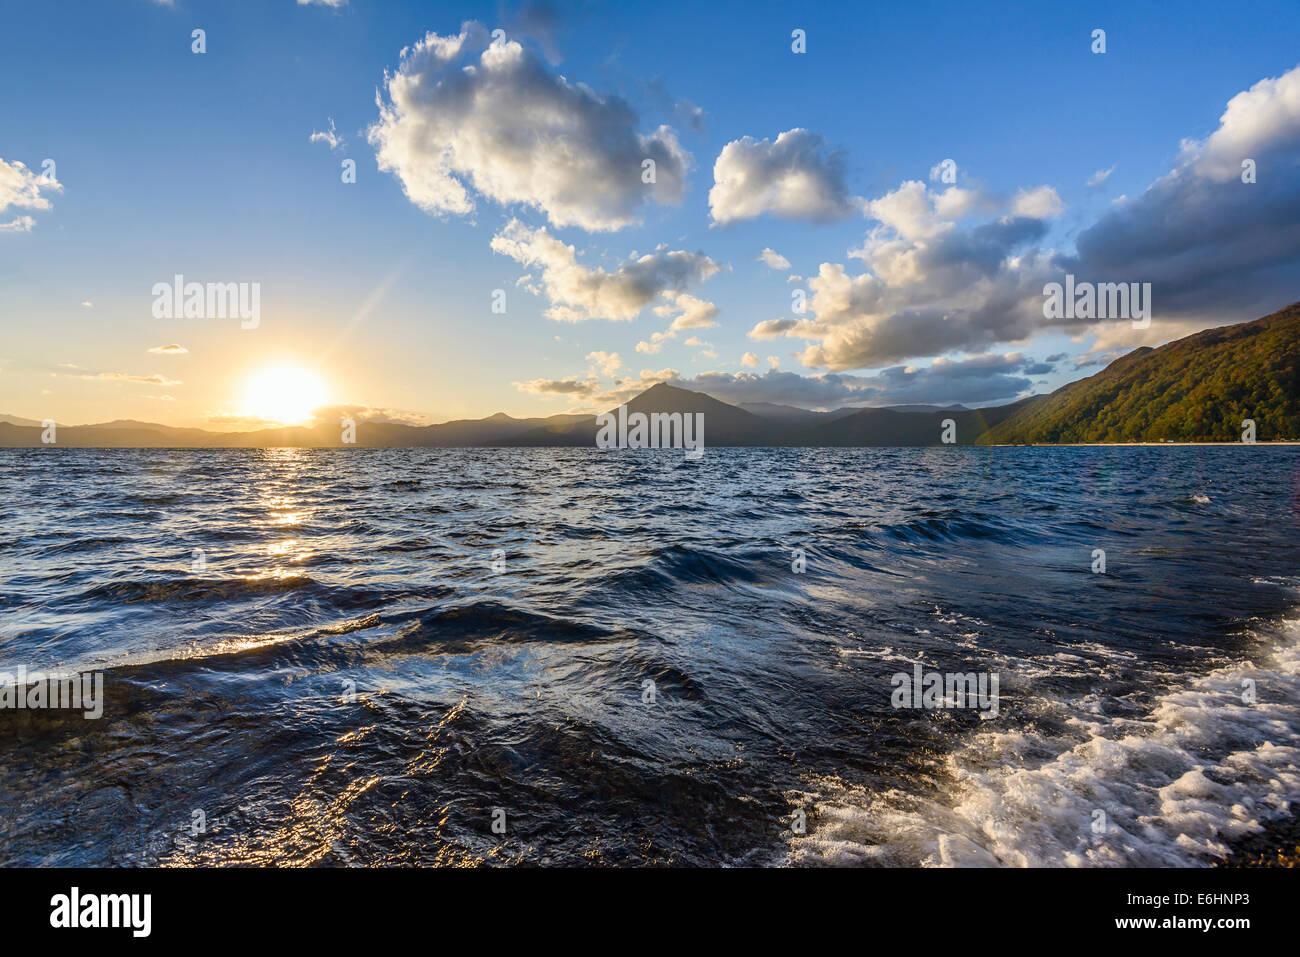 Il lago di Shikotsu al tramonto in Hokkaido, Giappone. Immagini Stock